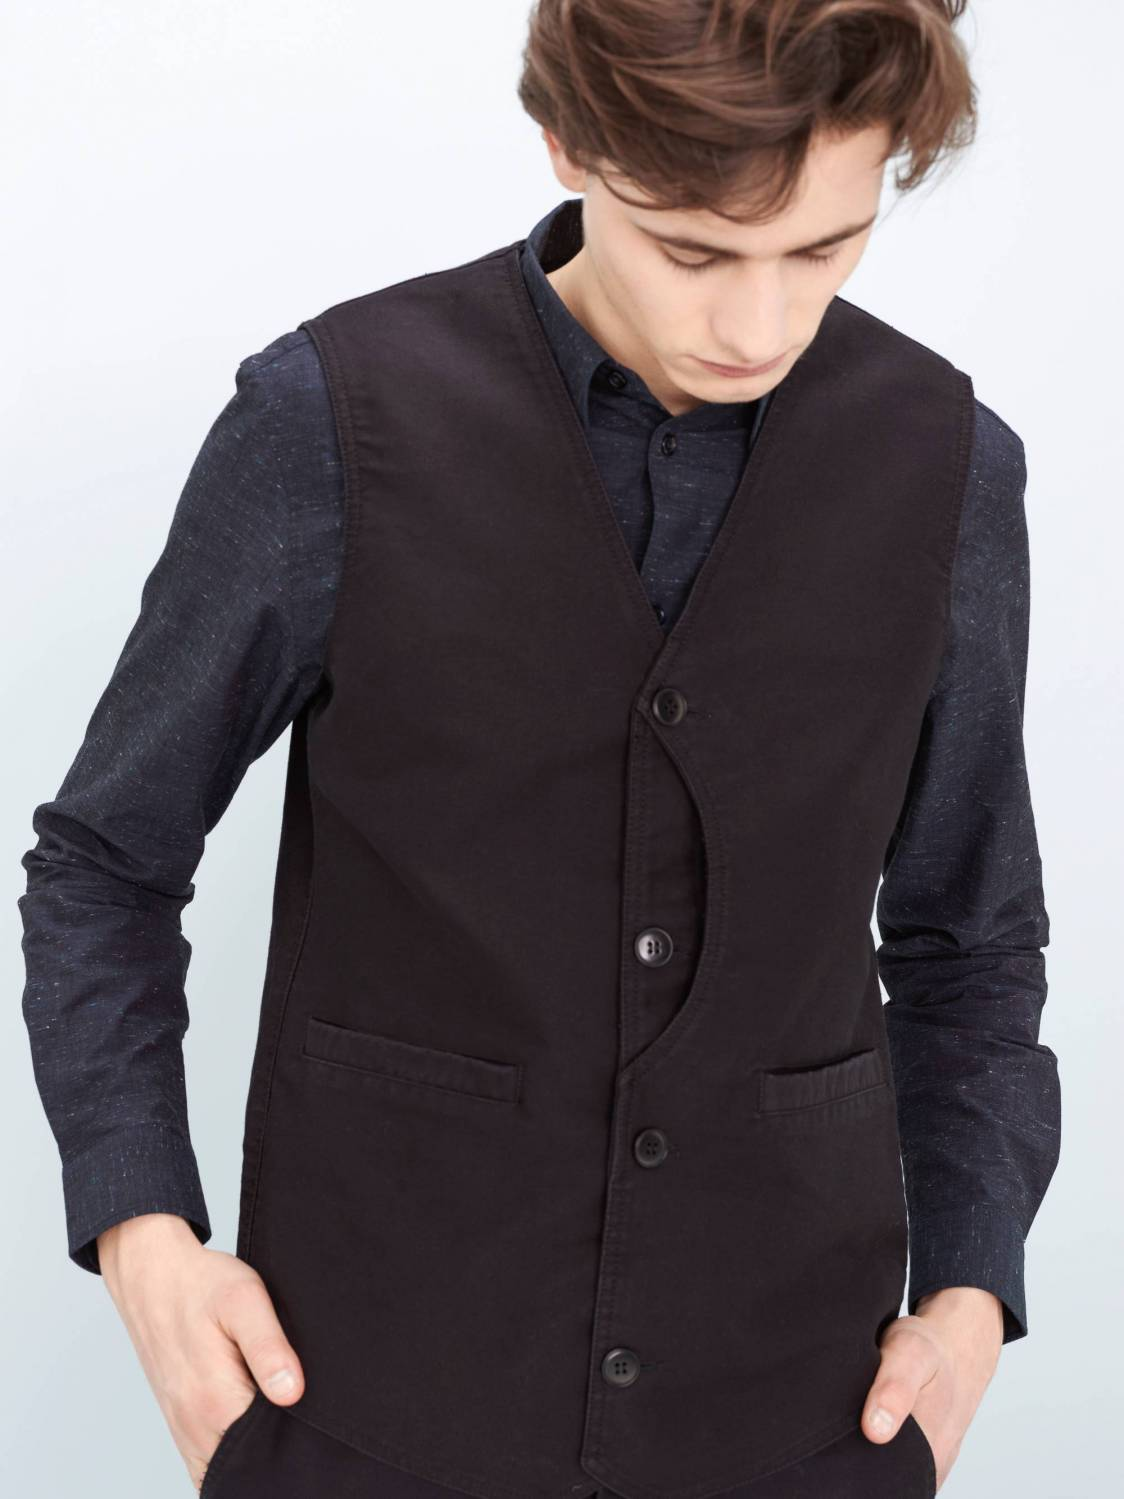 Genuine Work Waistcoat